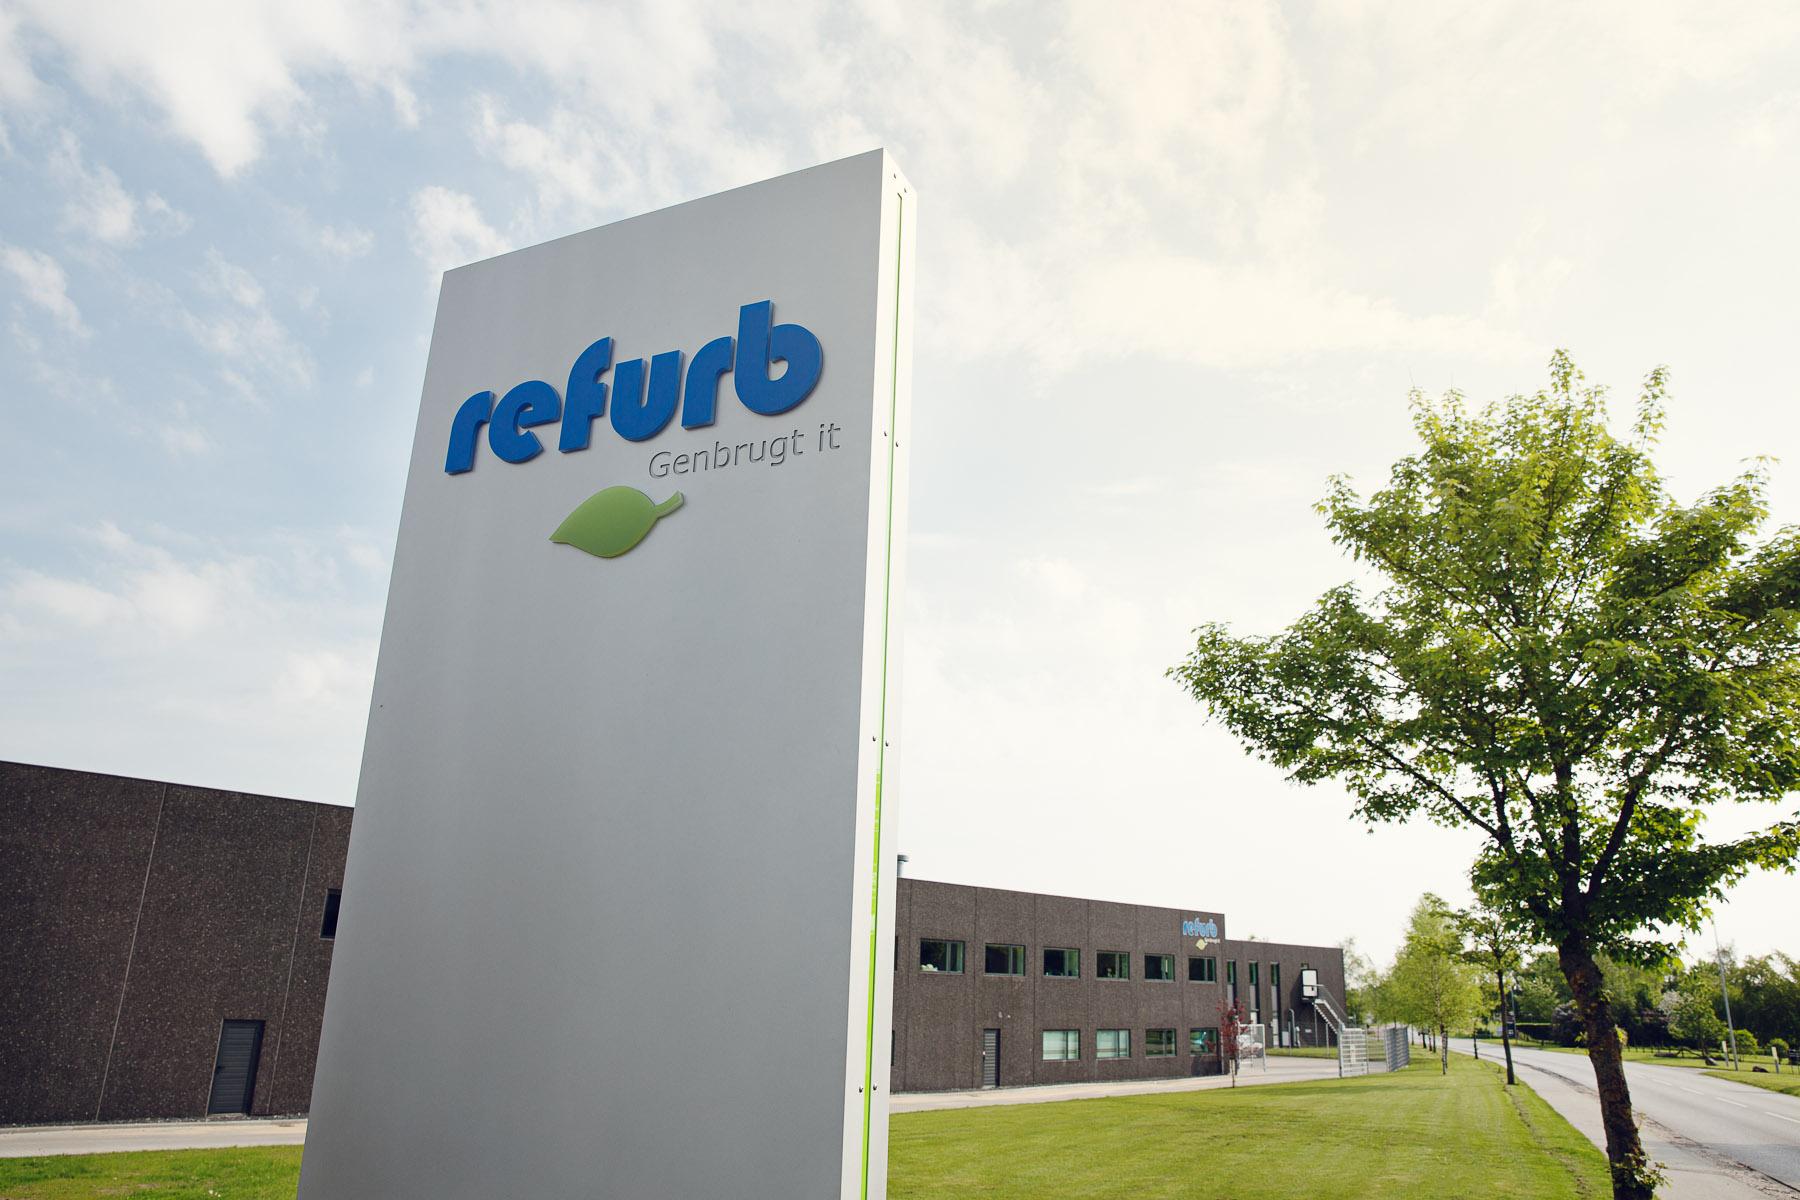 Refurb har et lager i Hornslet nord for Århus, Danmark